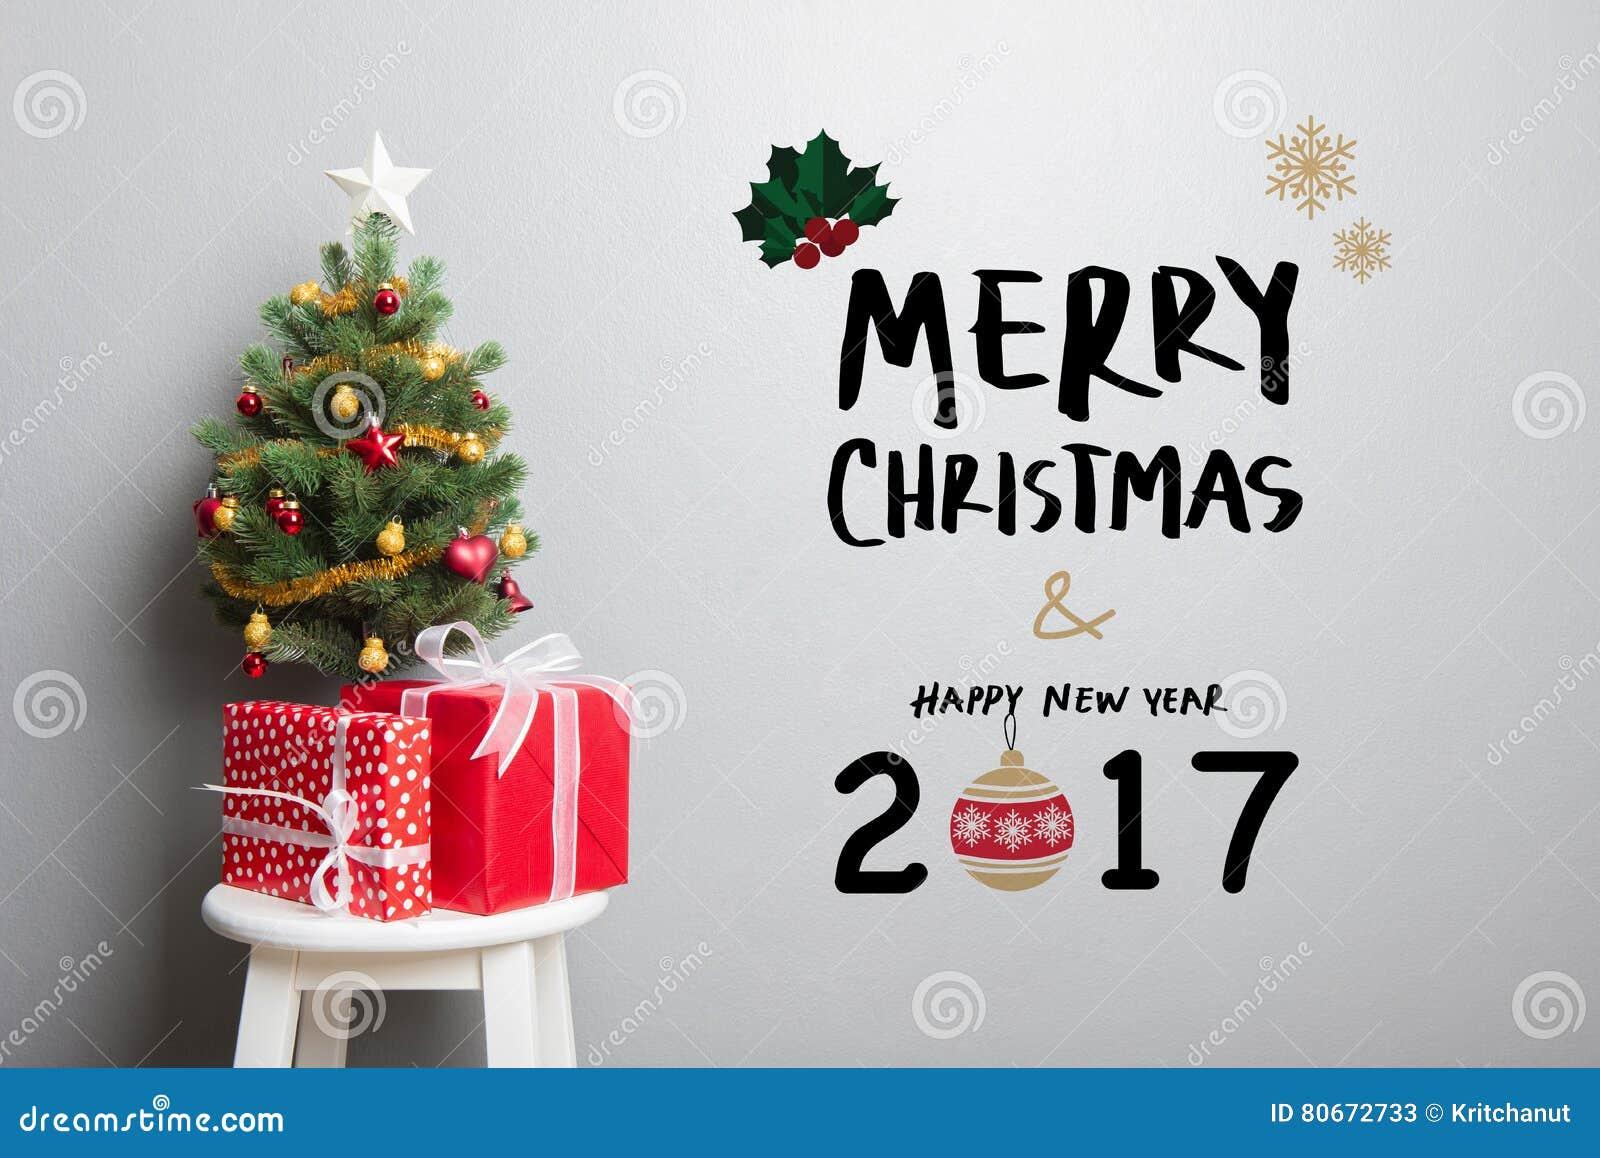 Buon Natale Del C Testo.Testo Del Buon Anno E Di Buon Natale 2017 Sulla Parete Immagine